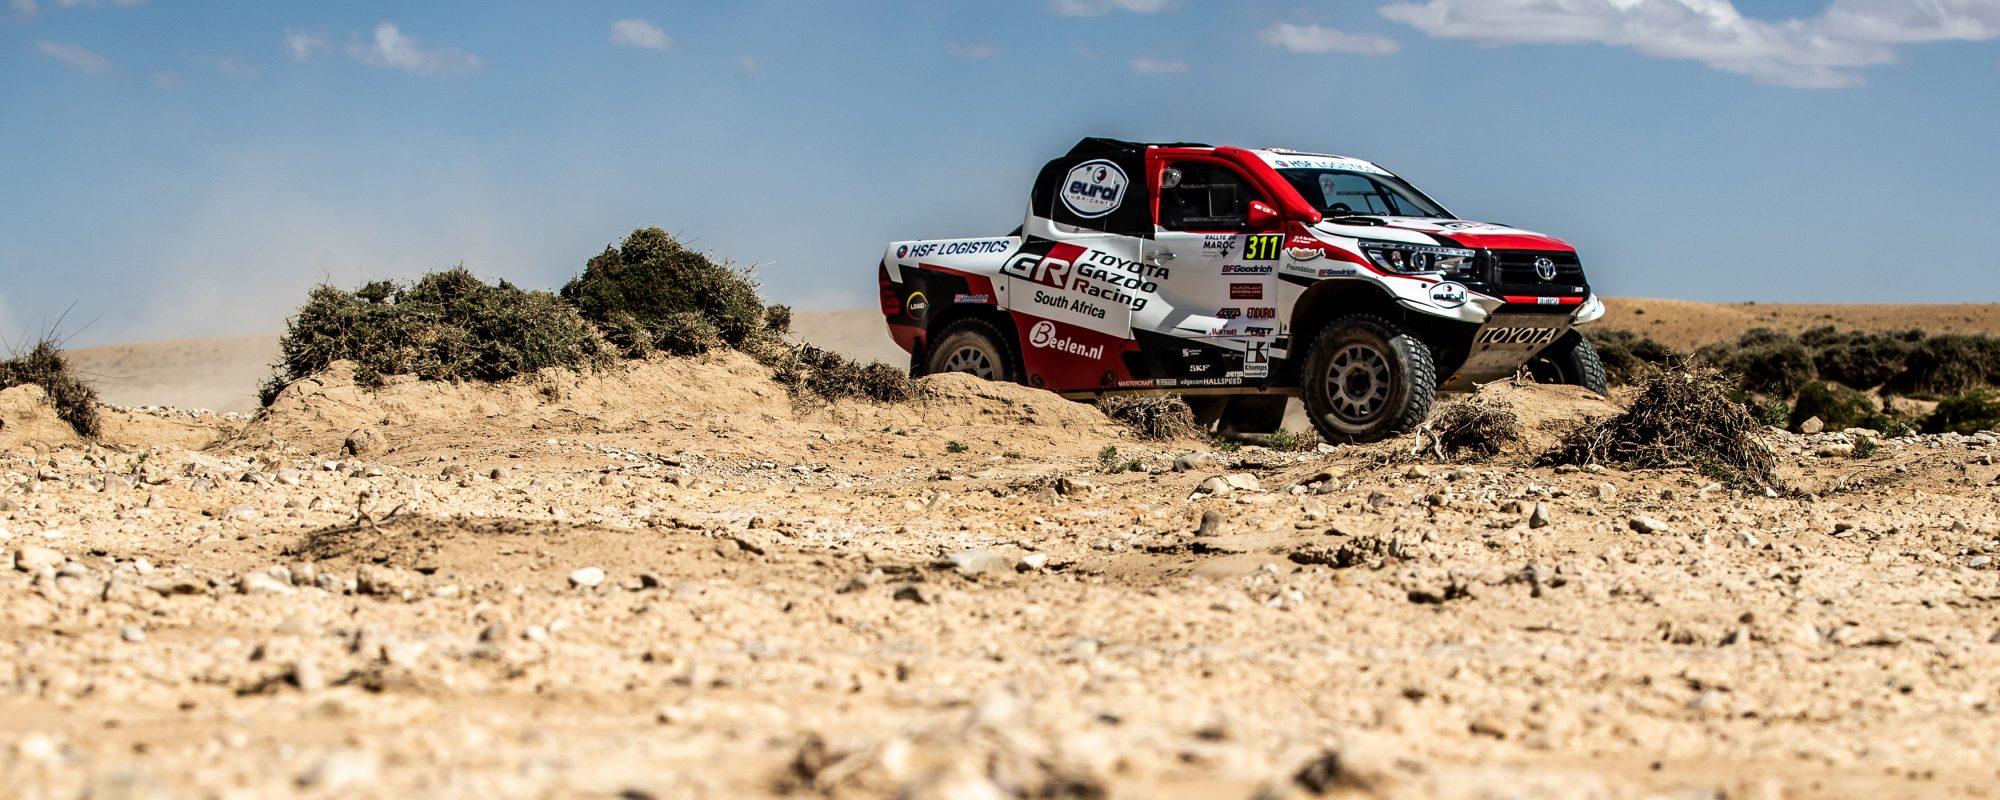 Bernhard ten Brinke met ambitie, realisme en Toyota Hilux naar Dakar 2019